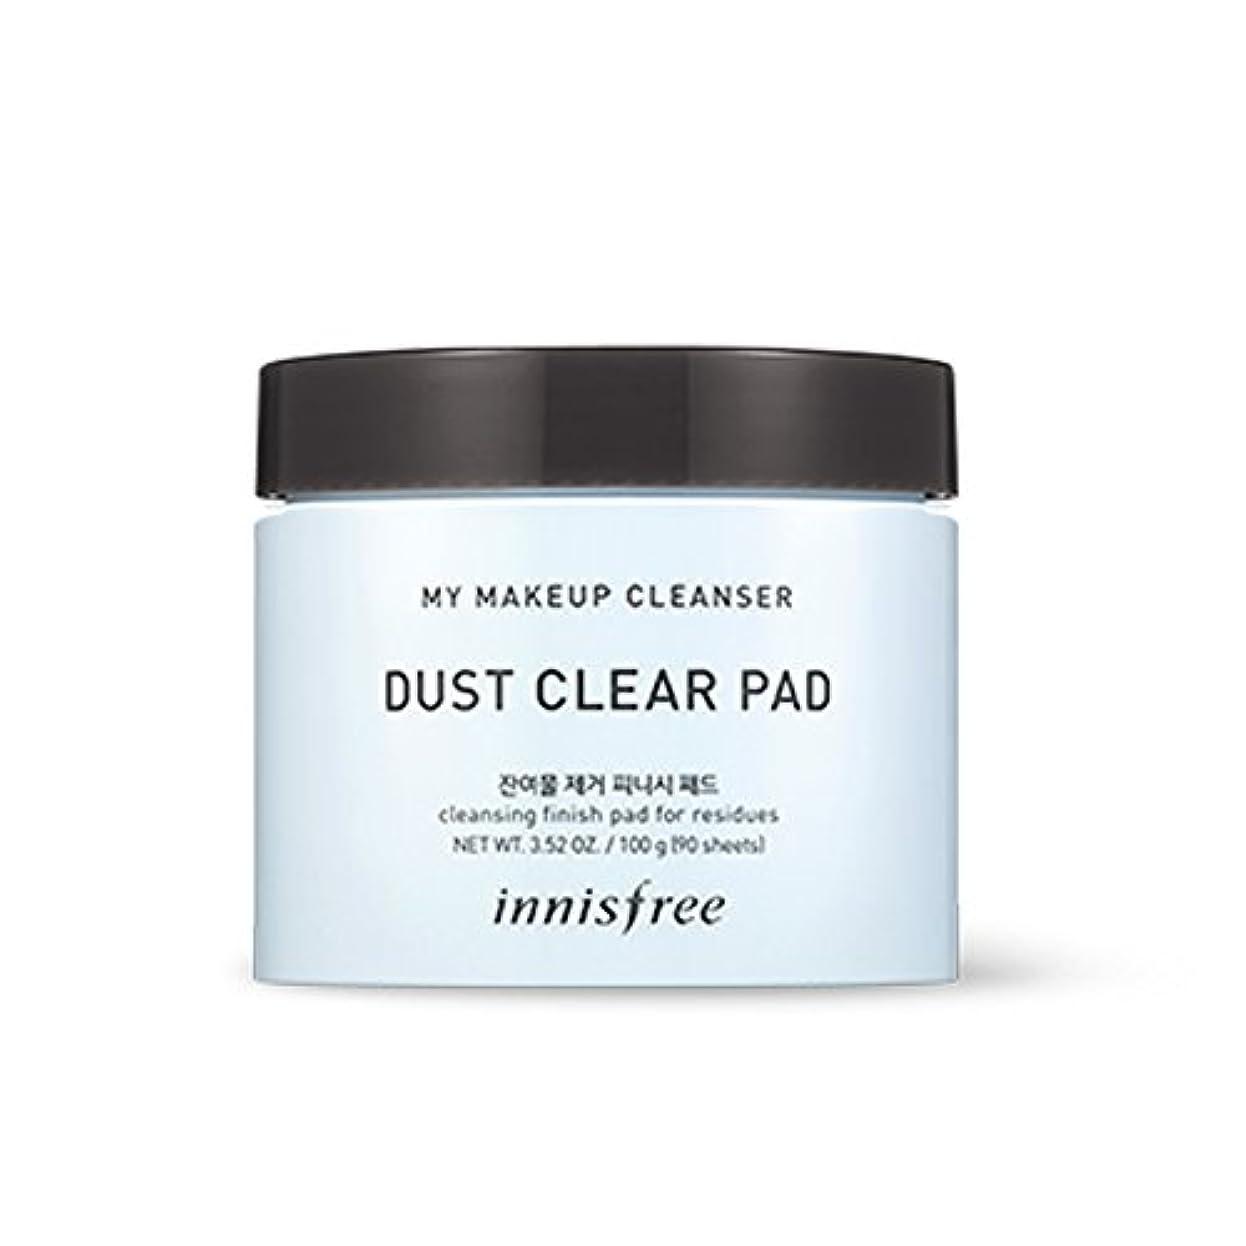 株式有能な拒絶するイニスフリーマイメイクアップクレンザー - ダストクリアパッド90ea x 1個 Innisfree My Makeup Cleanser - Dust Clear Pad 90ea x 1pcs [海外直送品][並行輸入品]